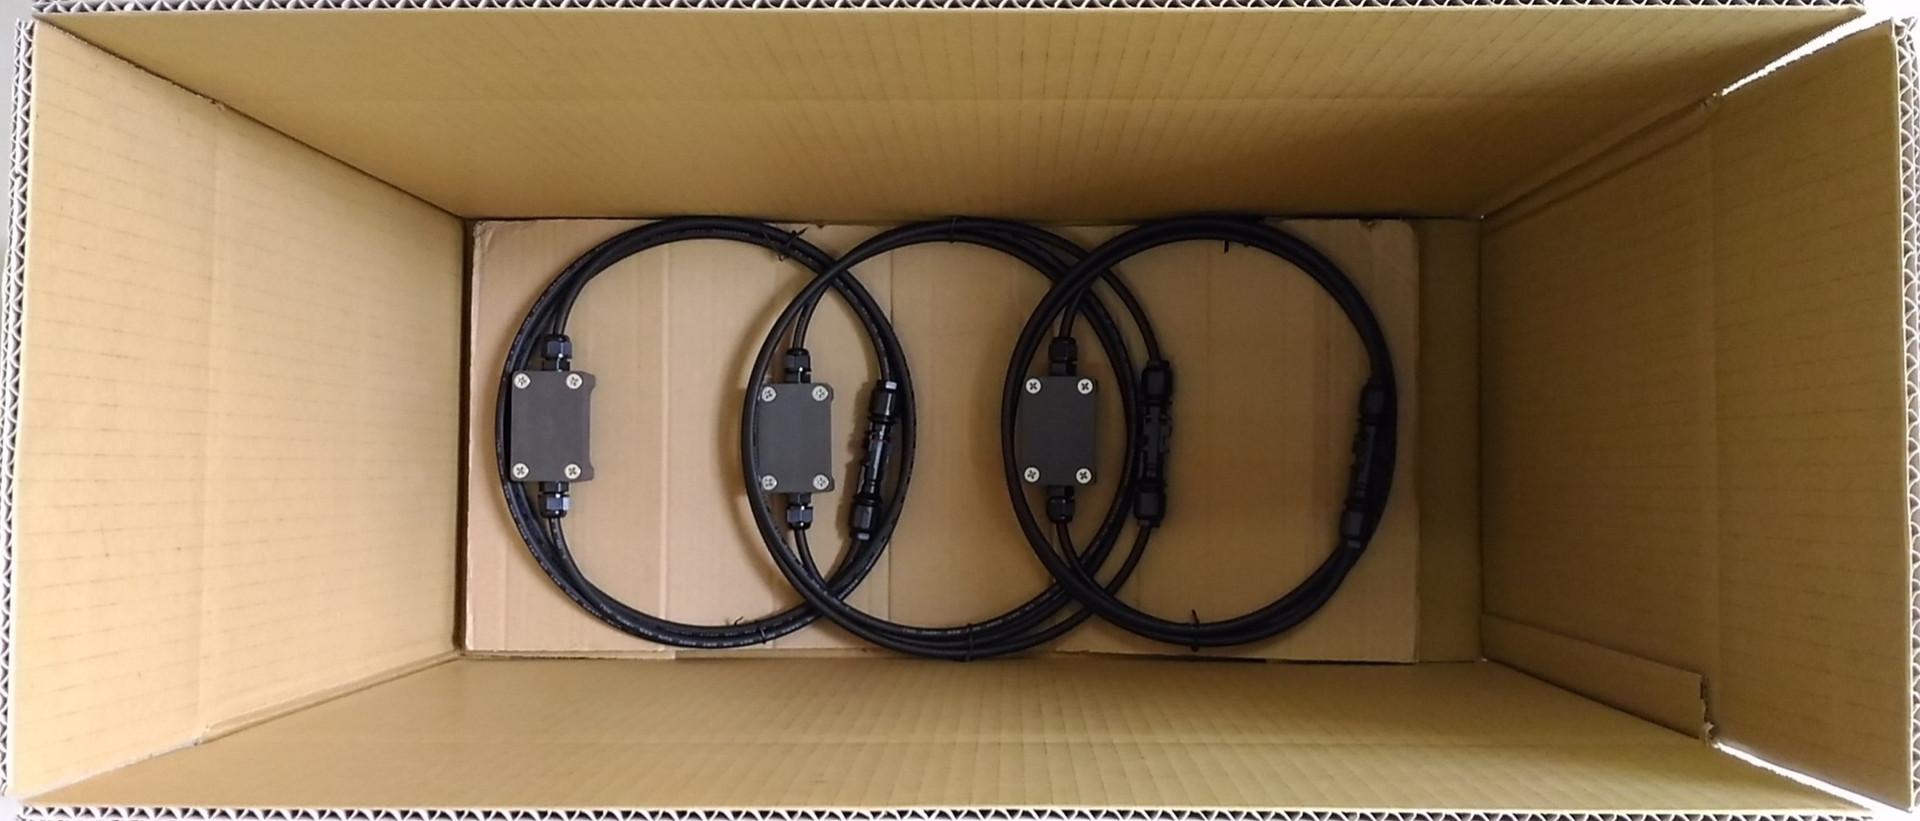 Blocking diode in carton box